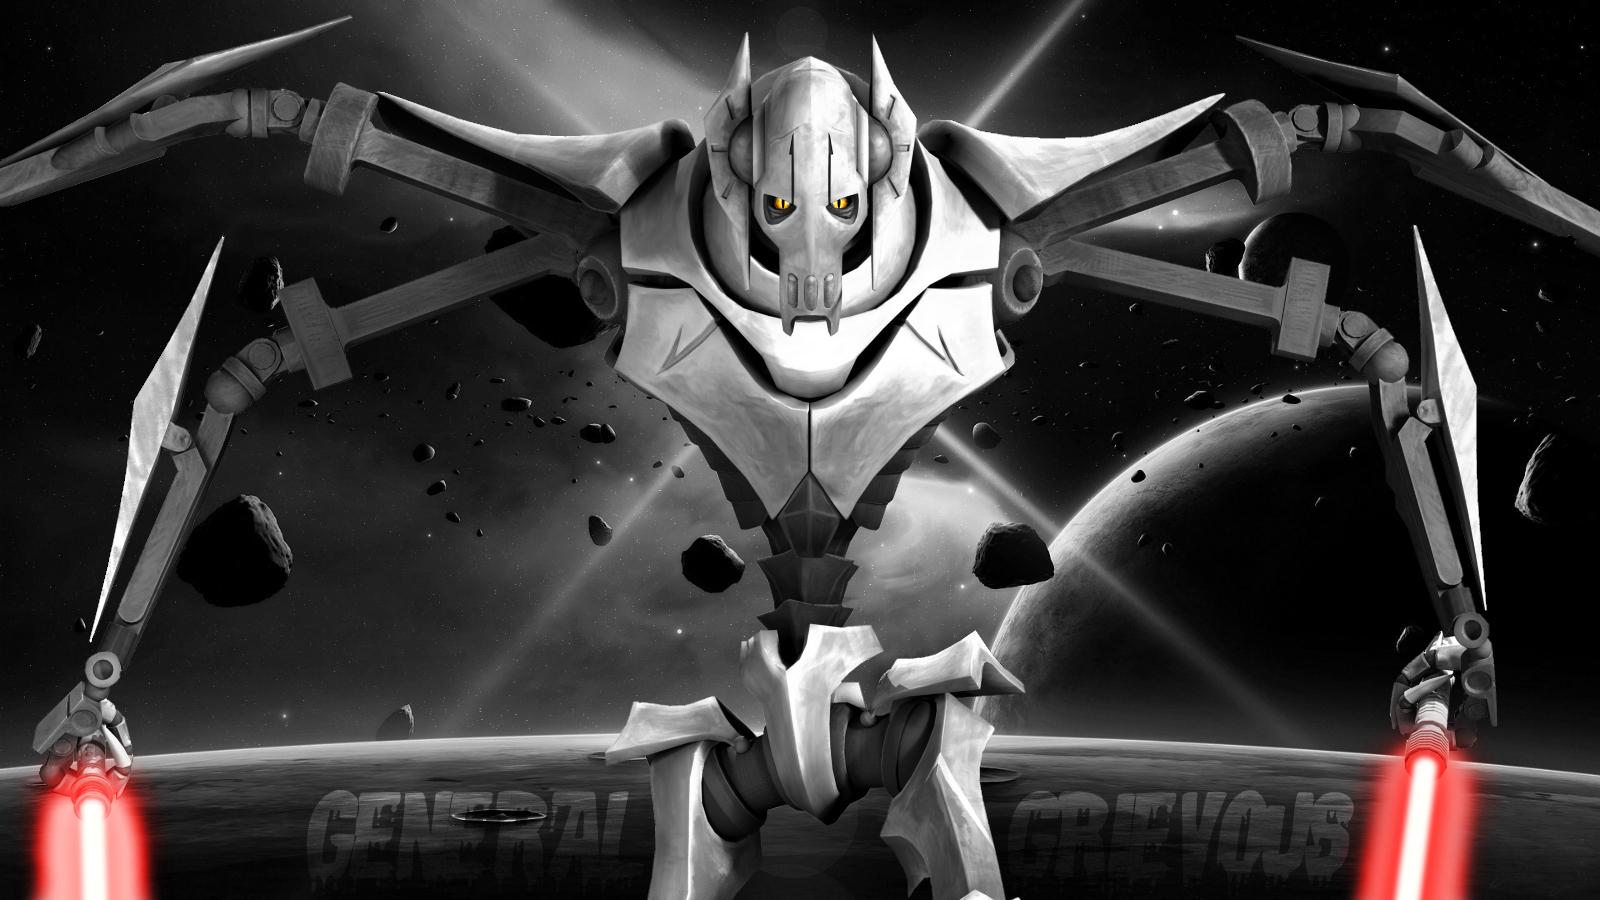 Star Wars Kaleesh Without Mask